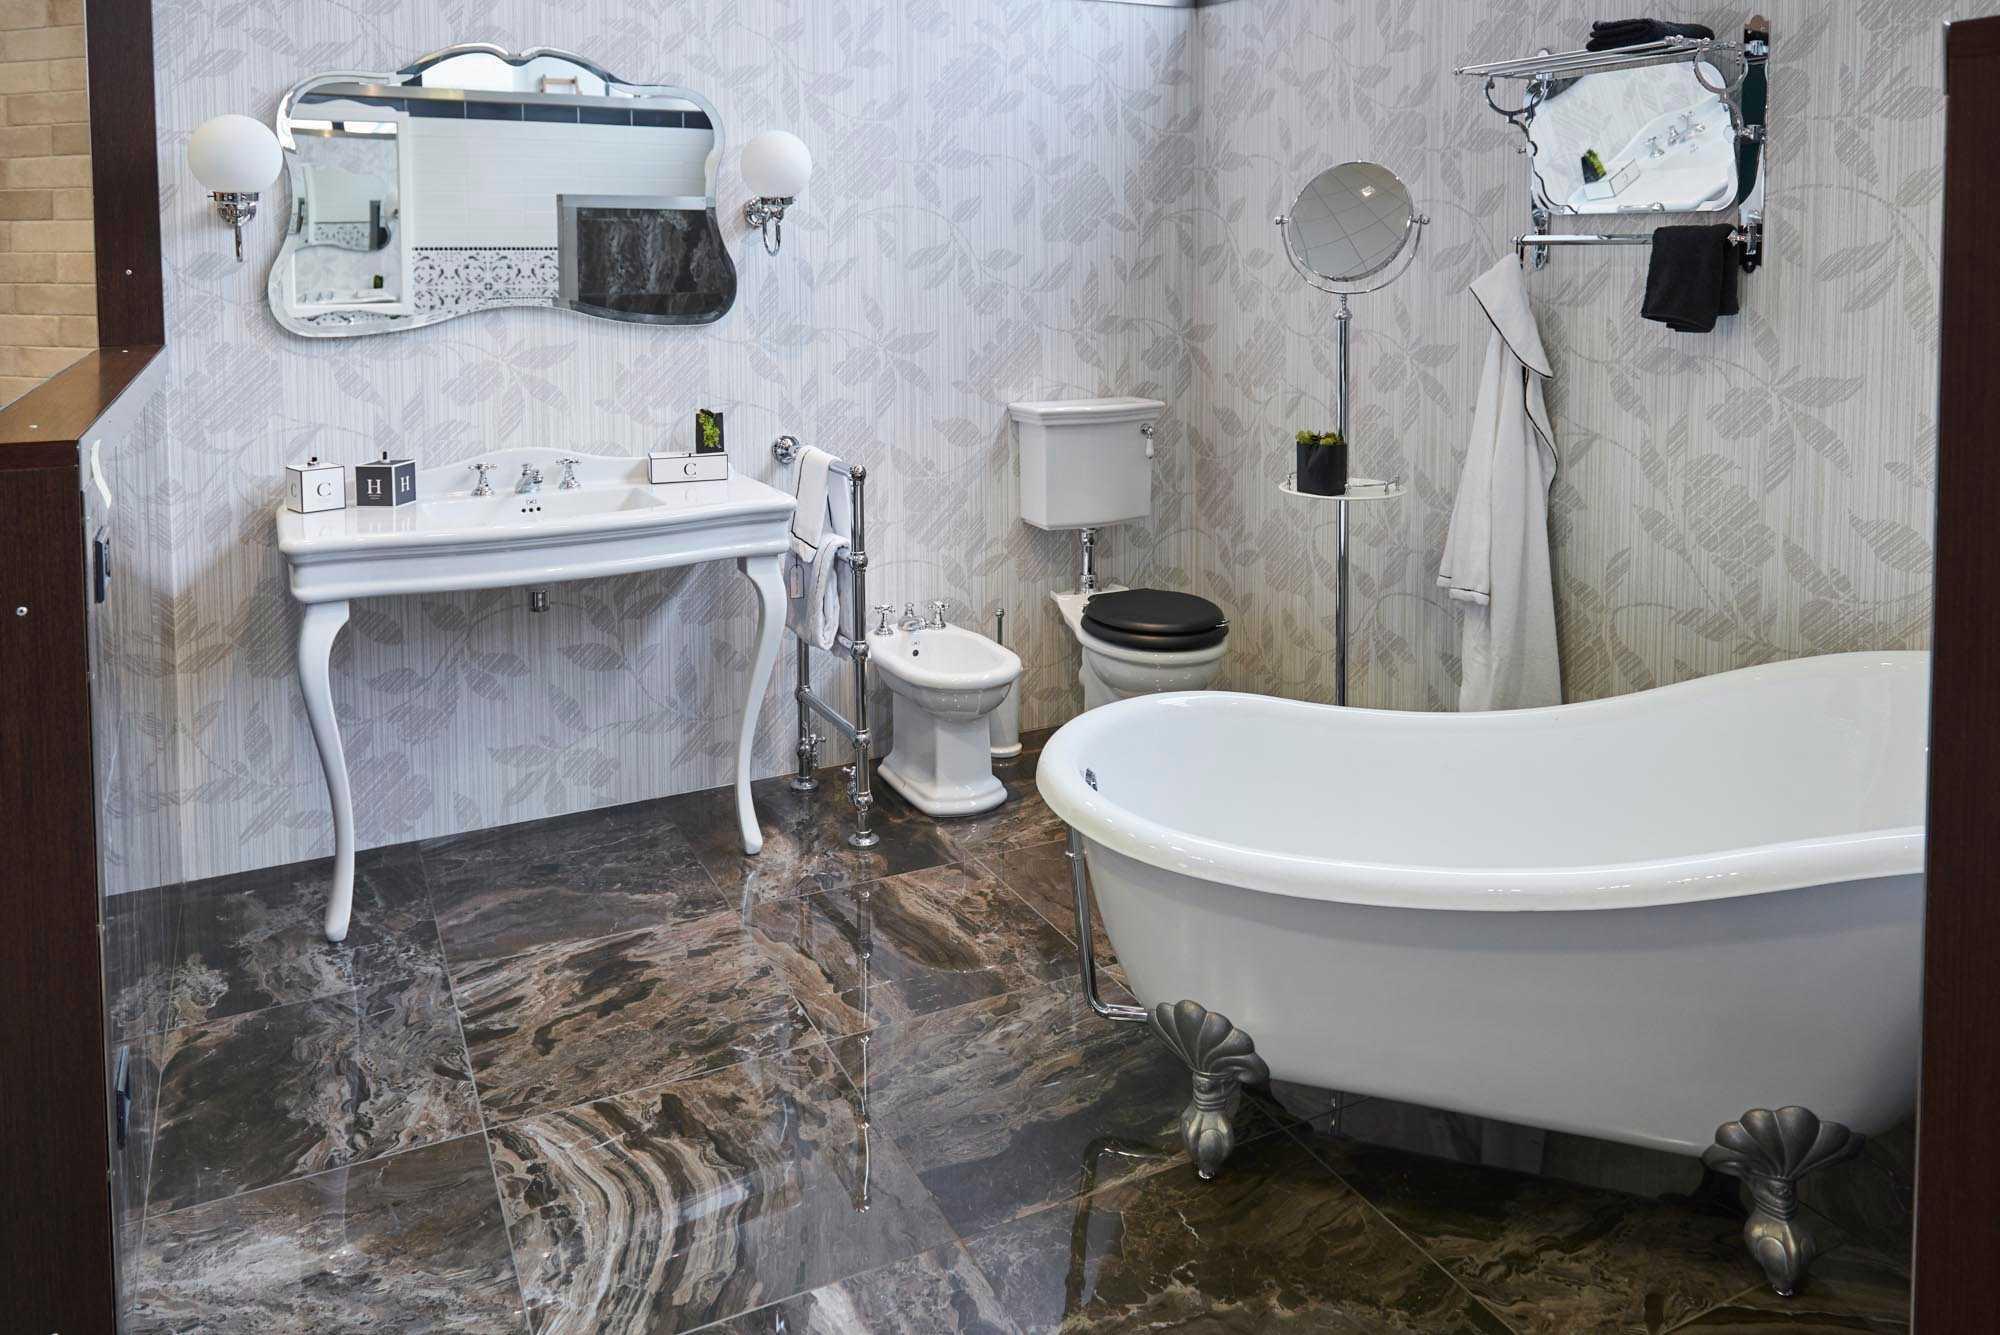 ShowRoom SVAI_Casale Monferrato_arredo bagno vintage